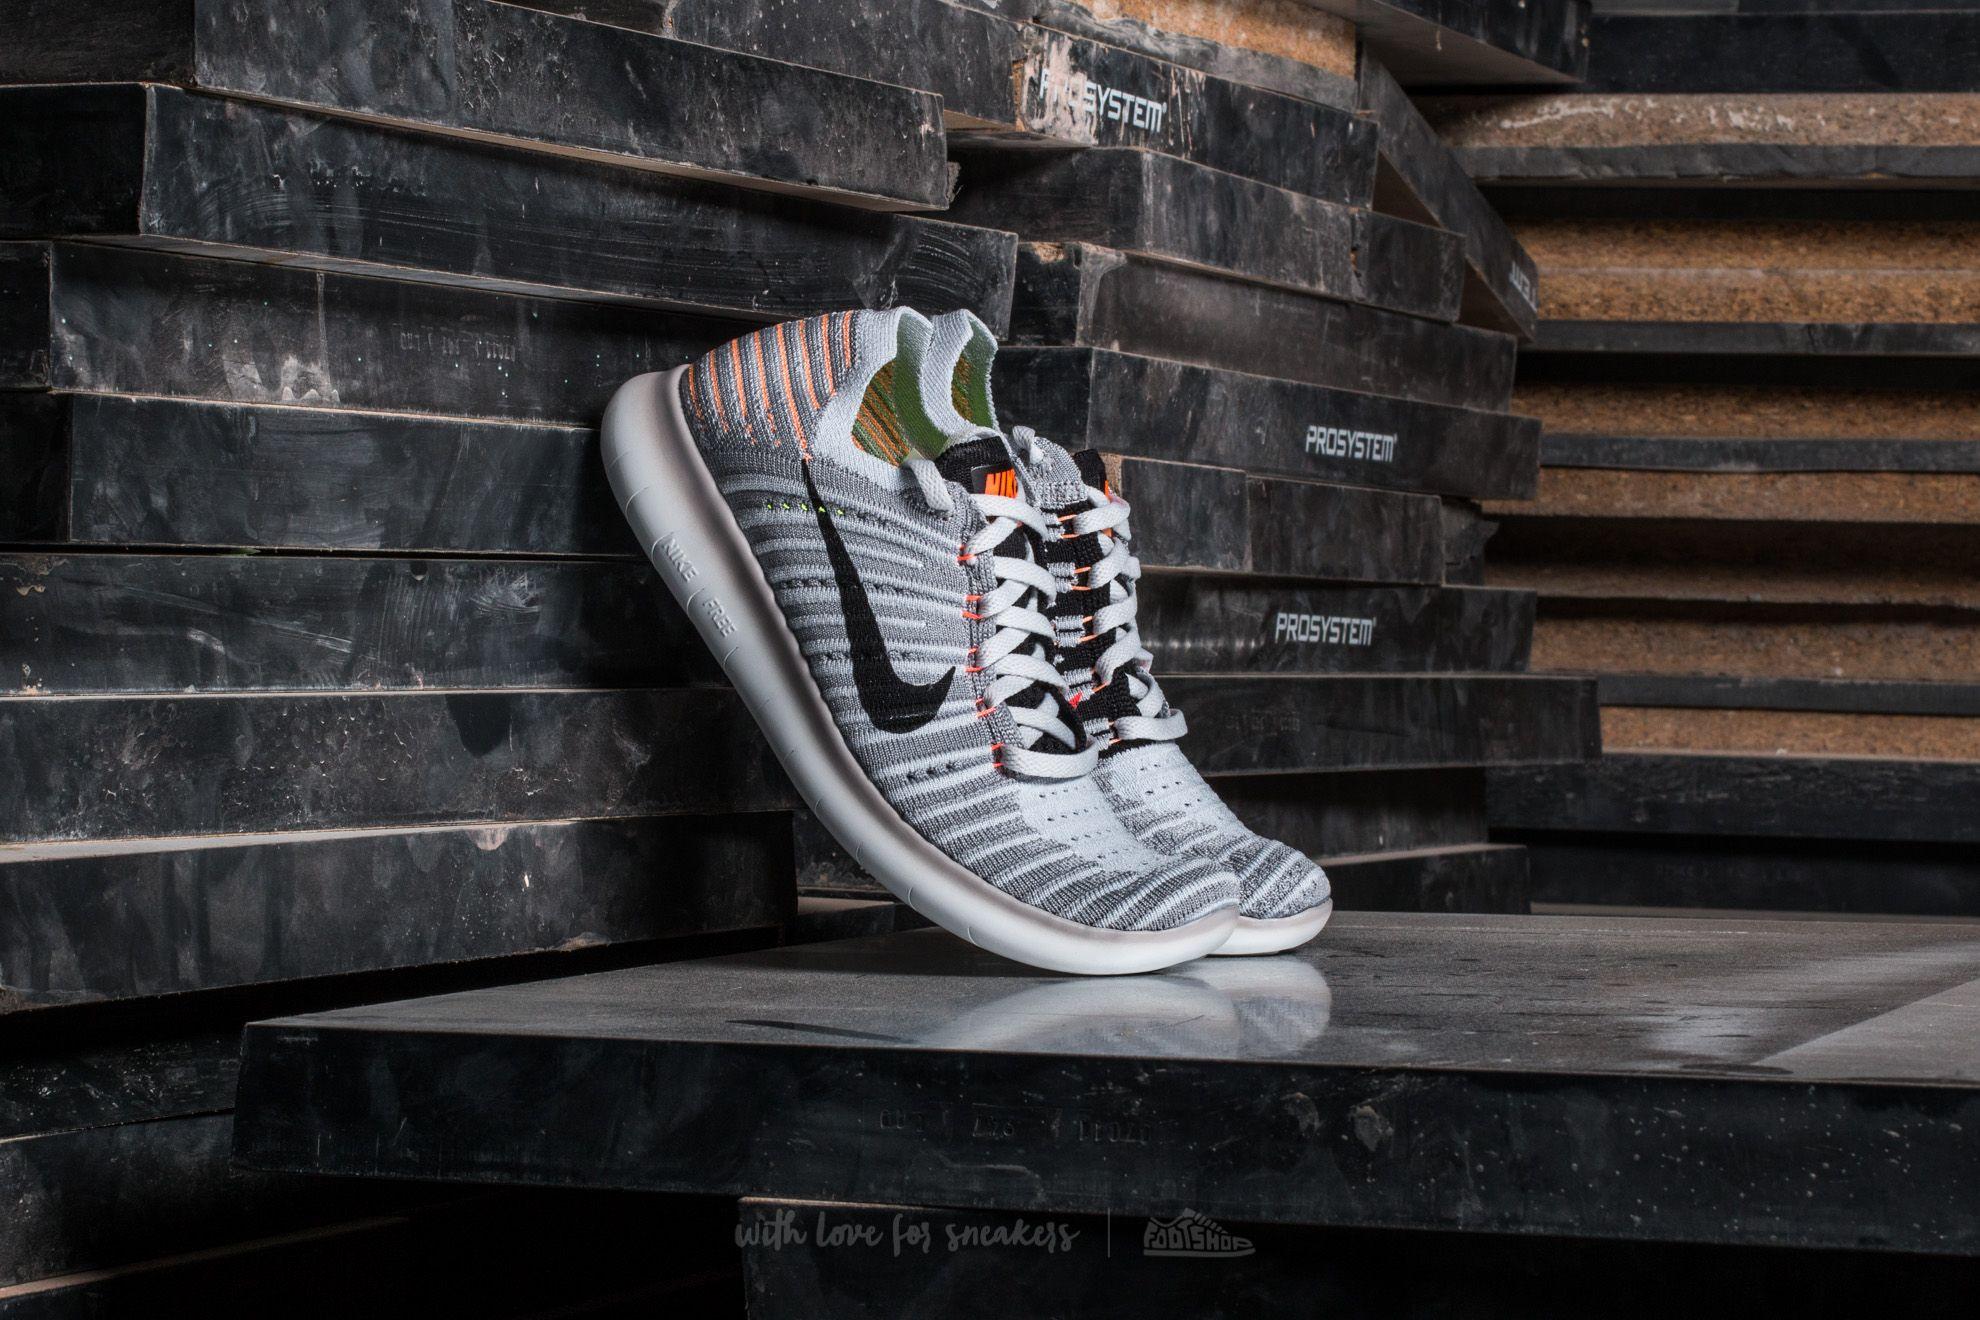 Nike Wmns Free Run Flyknit Wolf Grey/ Black-Bright Mango